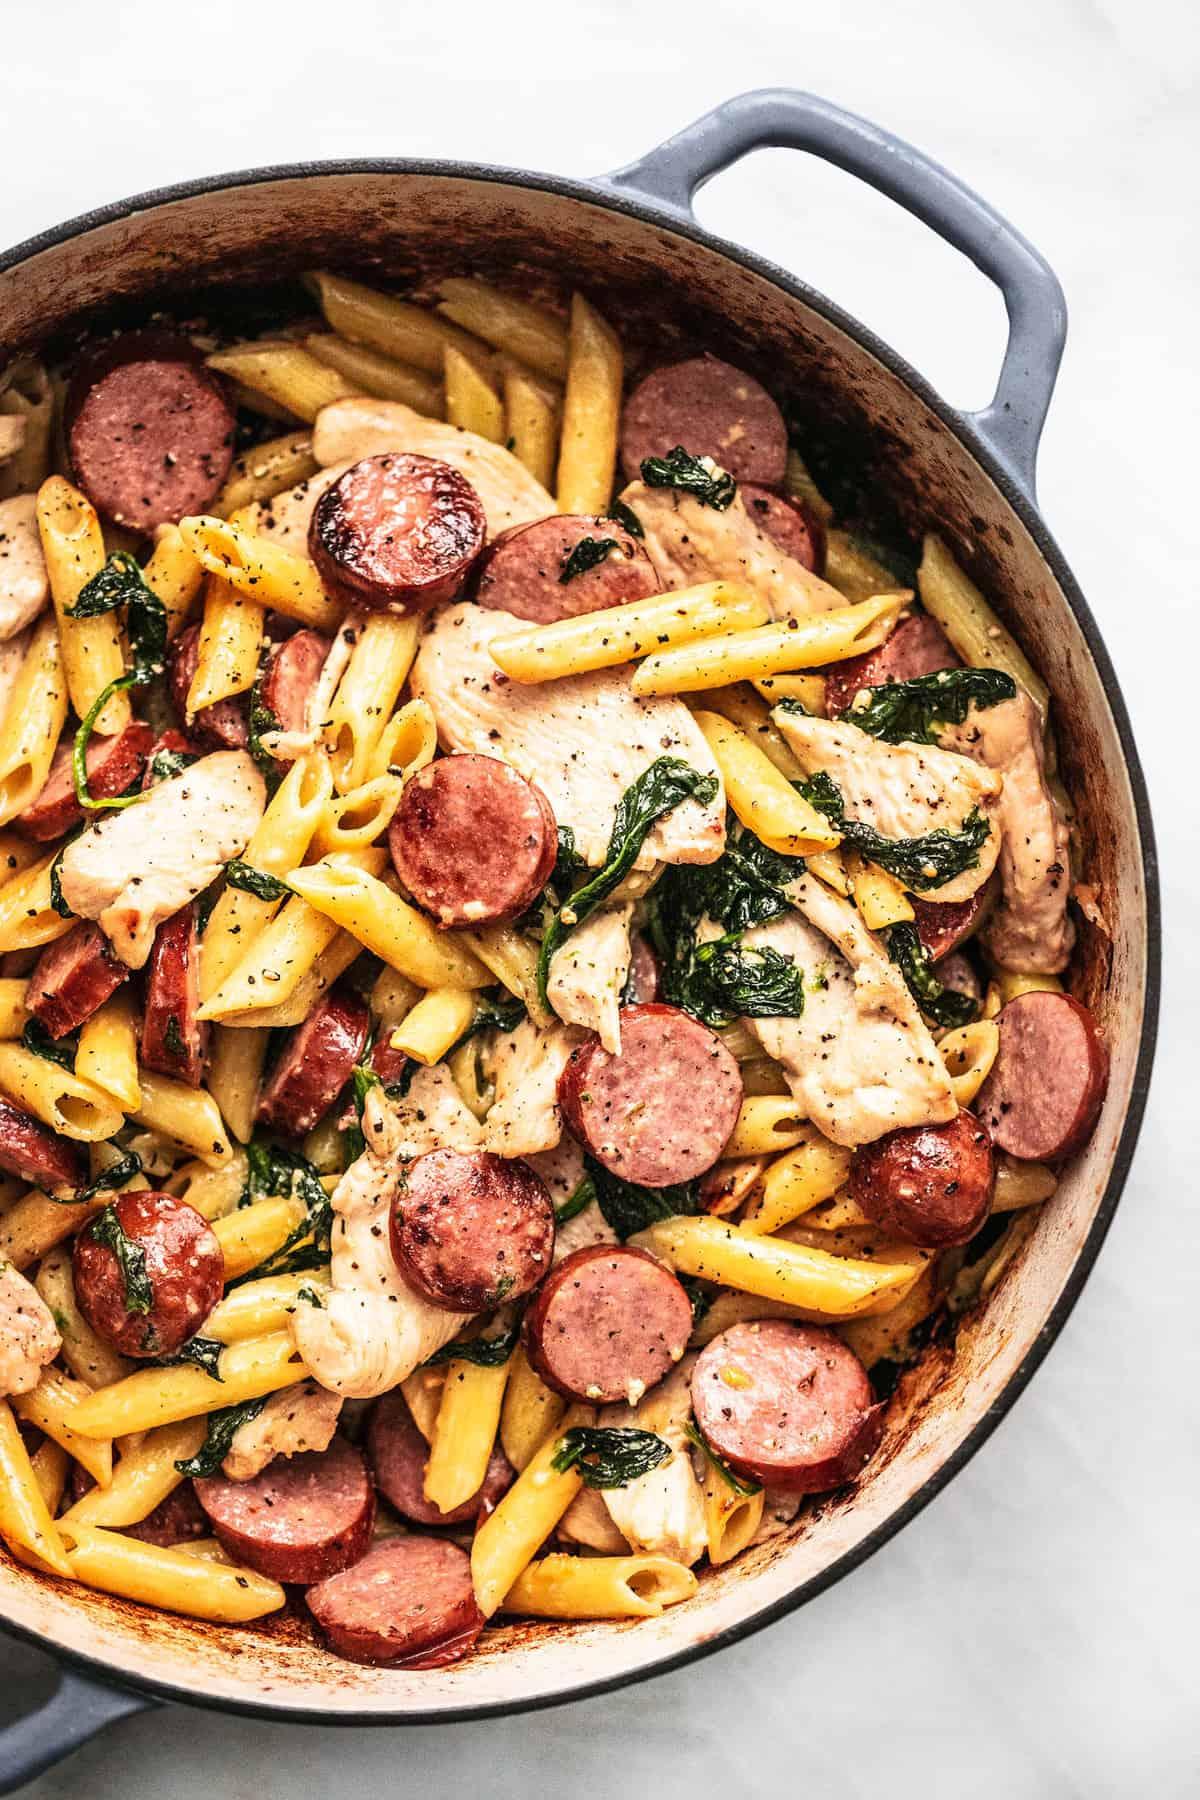 Easy Chicken and Sausage Pasta recipe | lecremedelacrumb.com